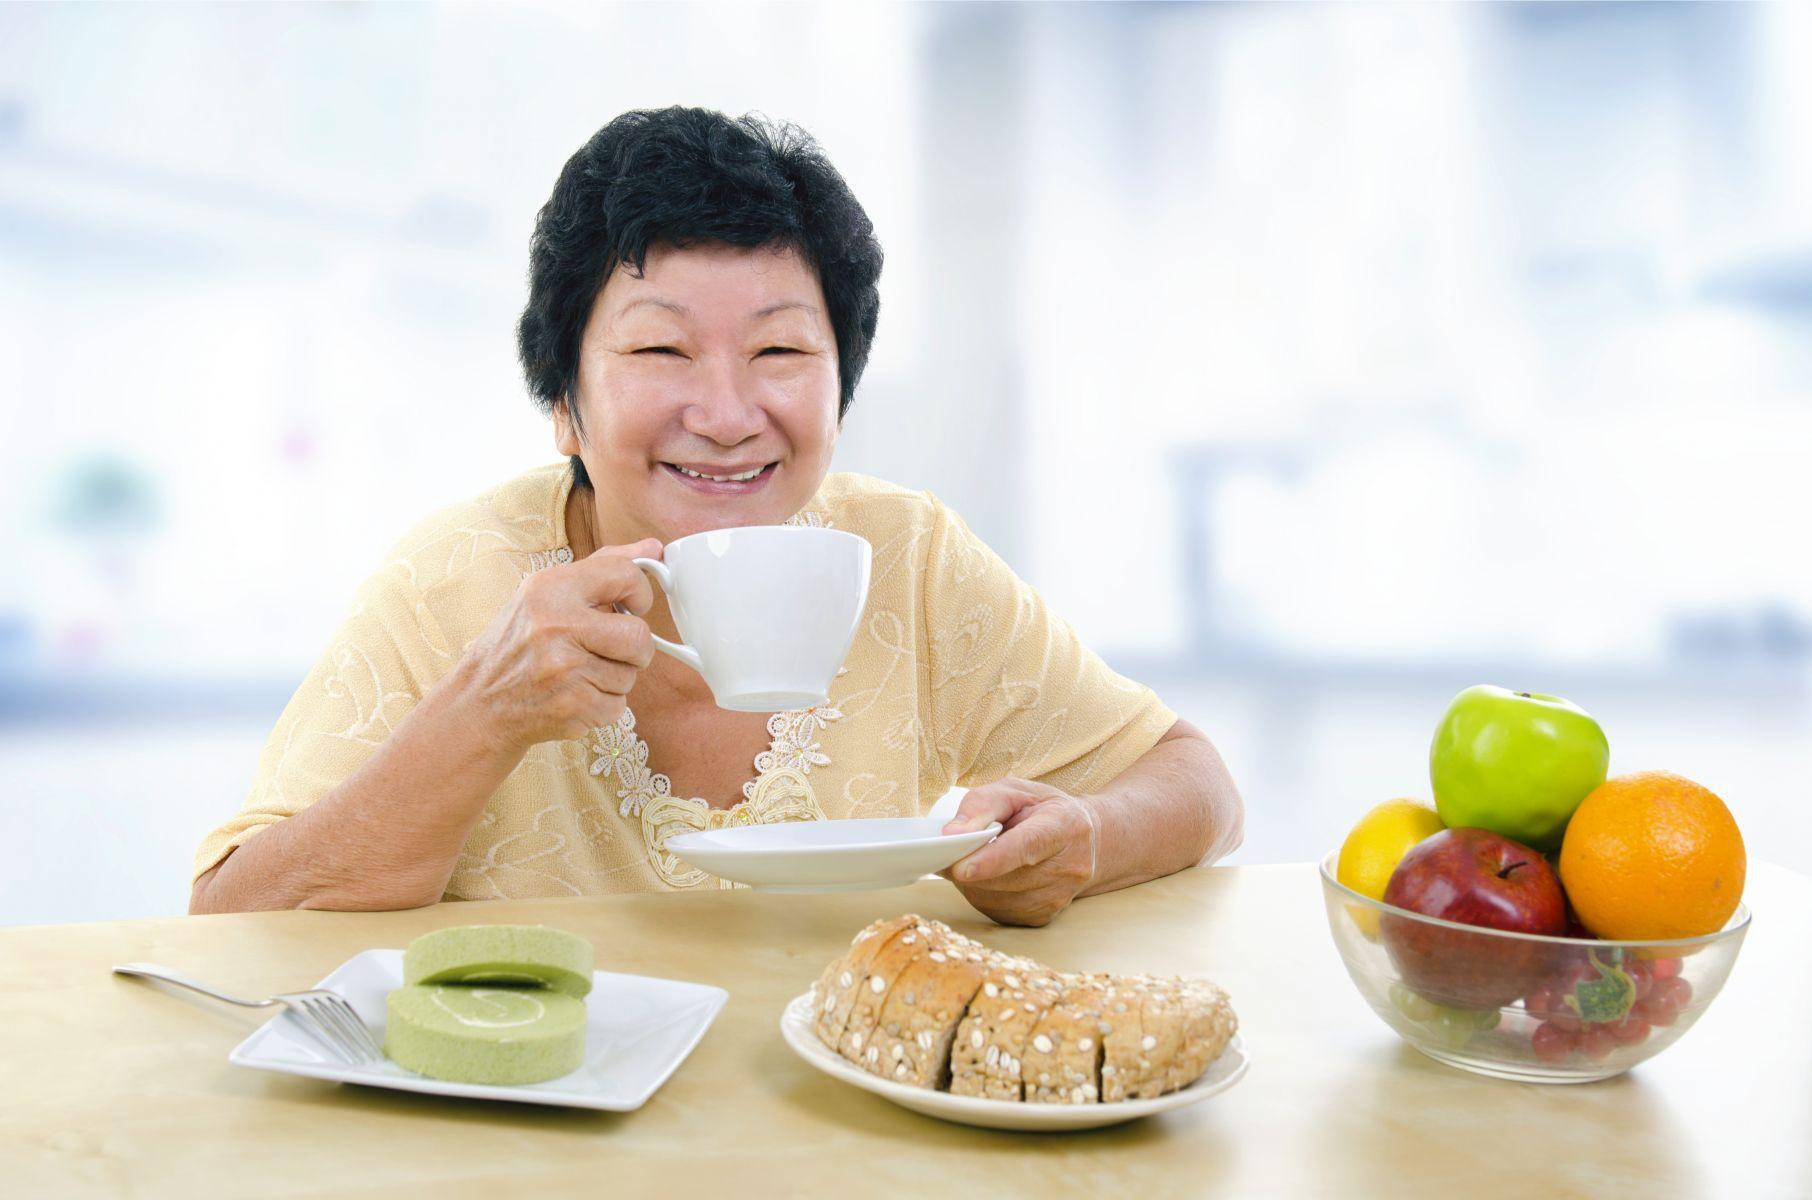 咖啡因是失智症剋星?研究:控制來源和量,能更少出現失智症狀